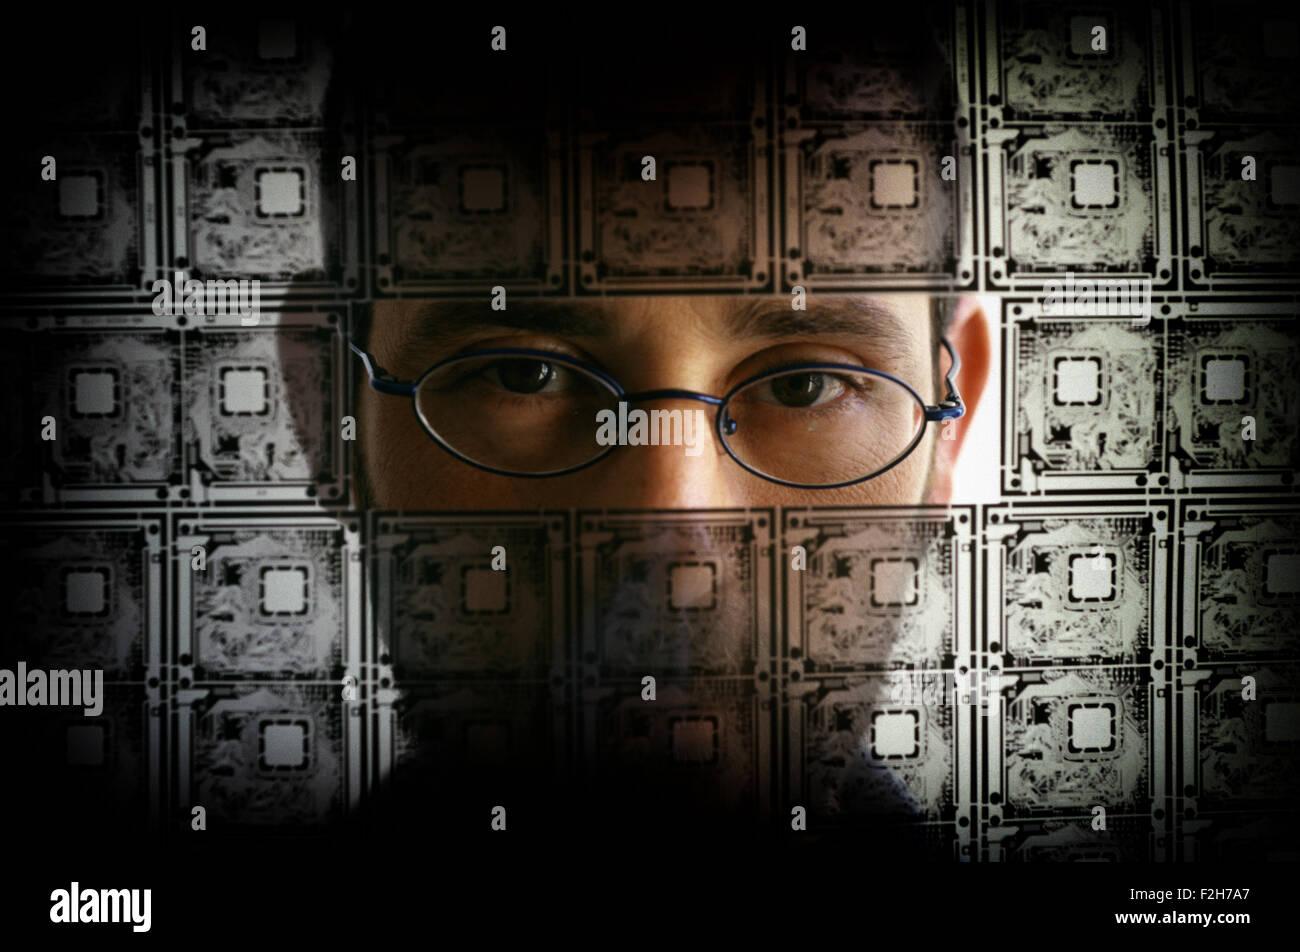 Una persona mirando a través de la placa de circuito eléctrico transparente y alambre de púas Imagen De Stock